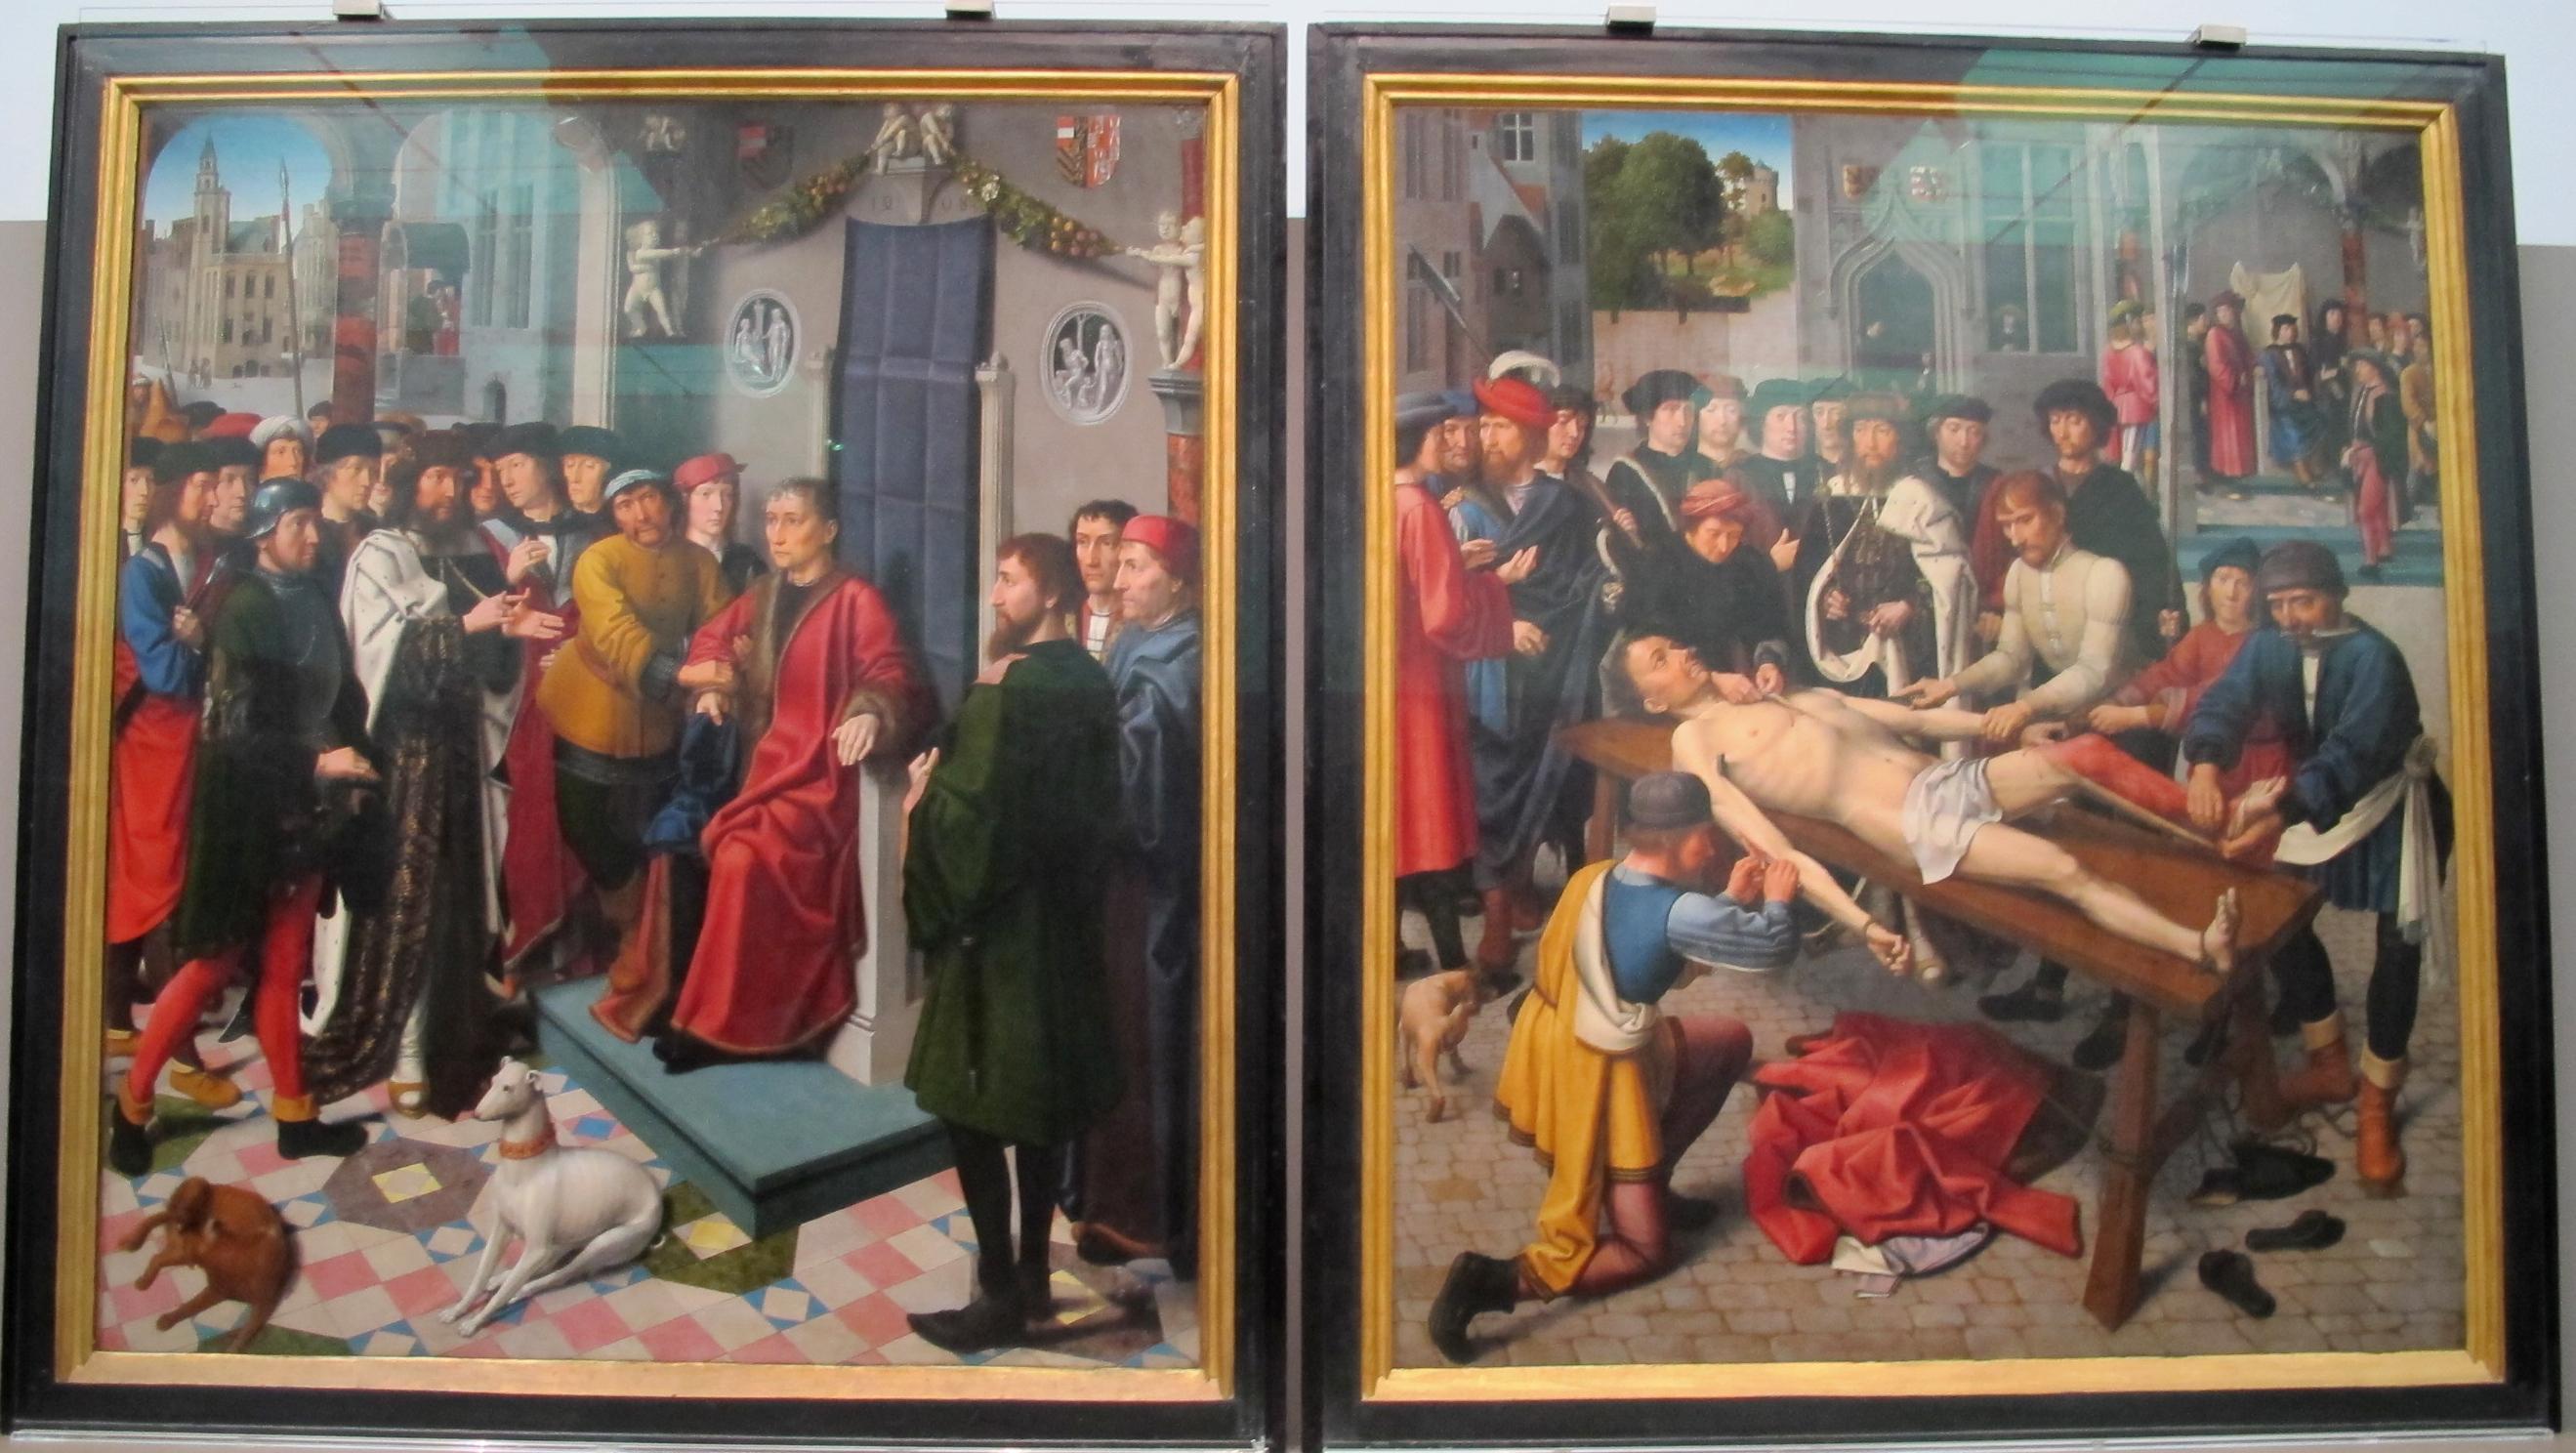 File:Gerard david, giudizio di cambise, 1498, 01.JPG